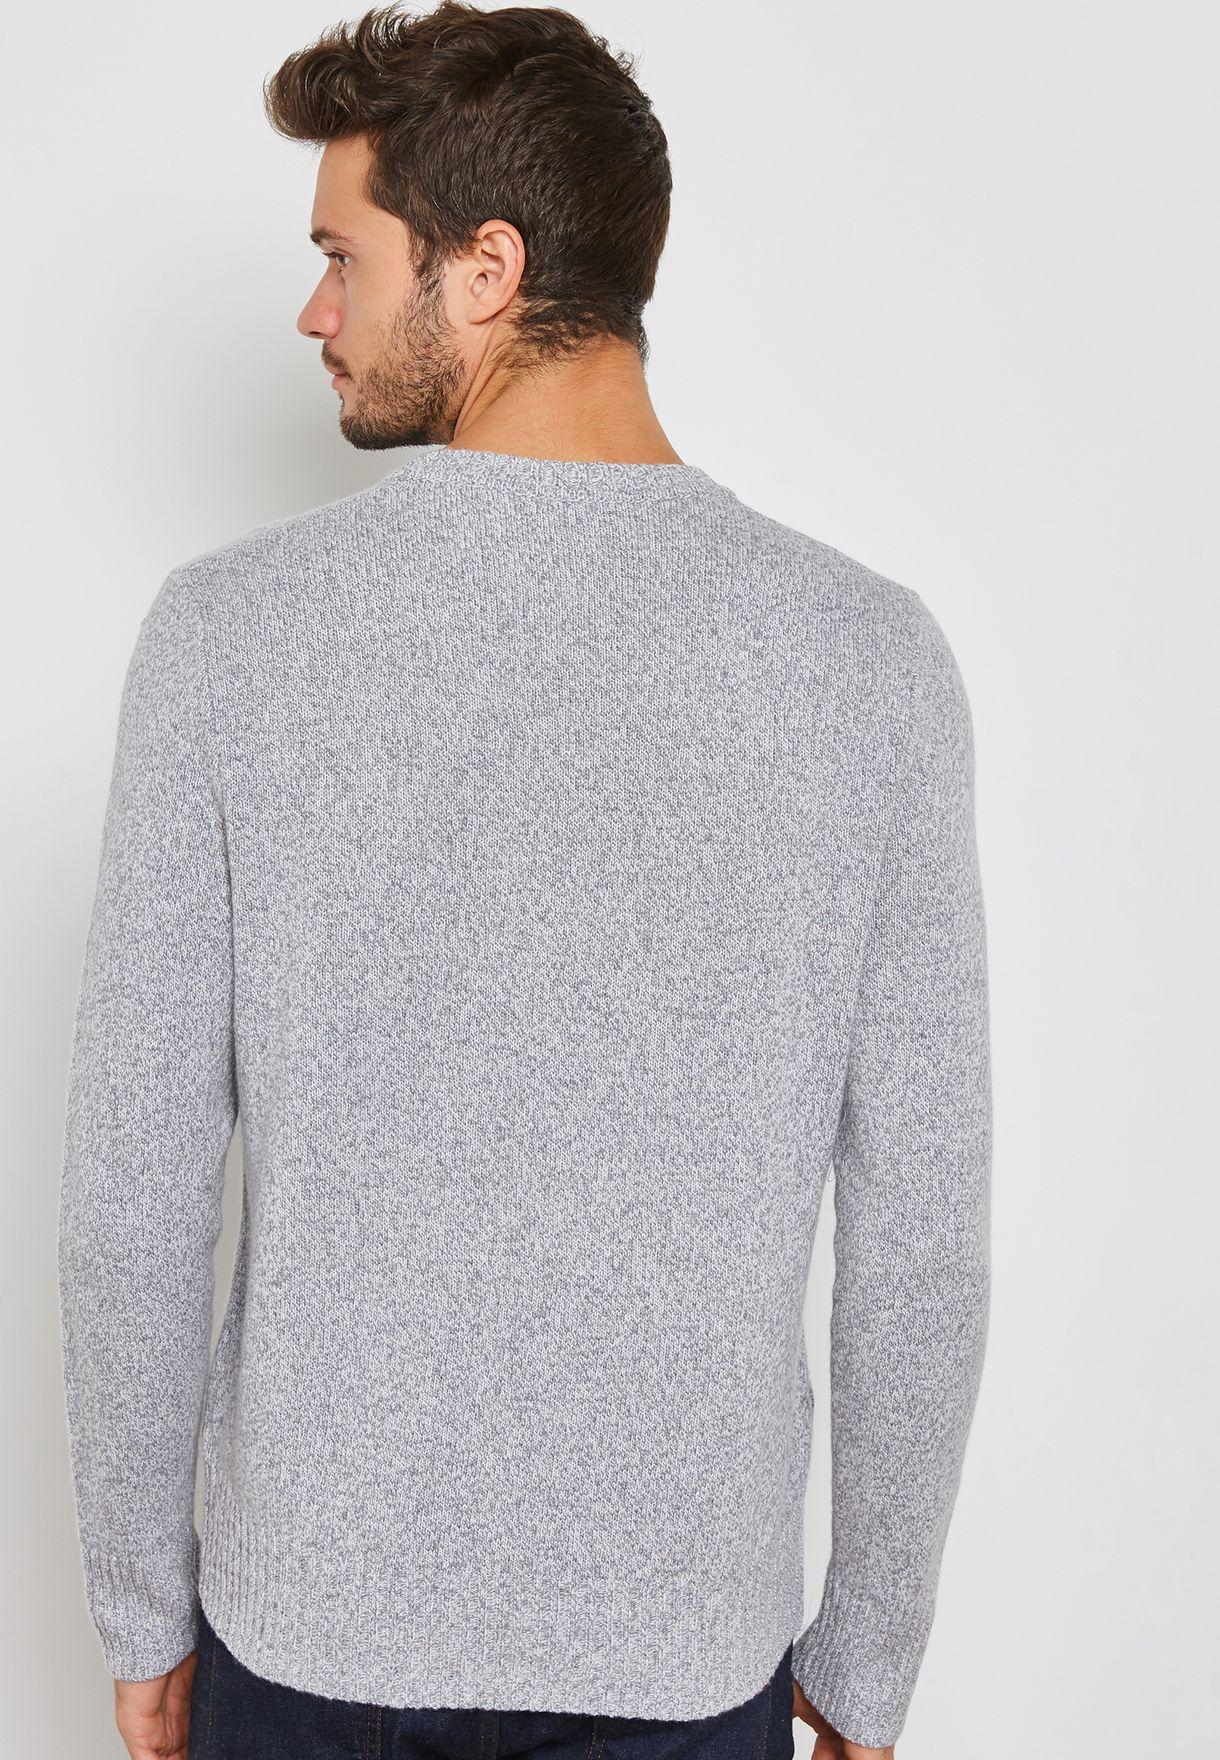 Basic Merino Sweaters